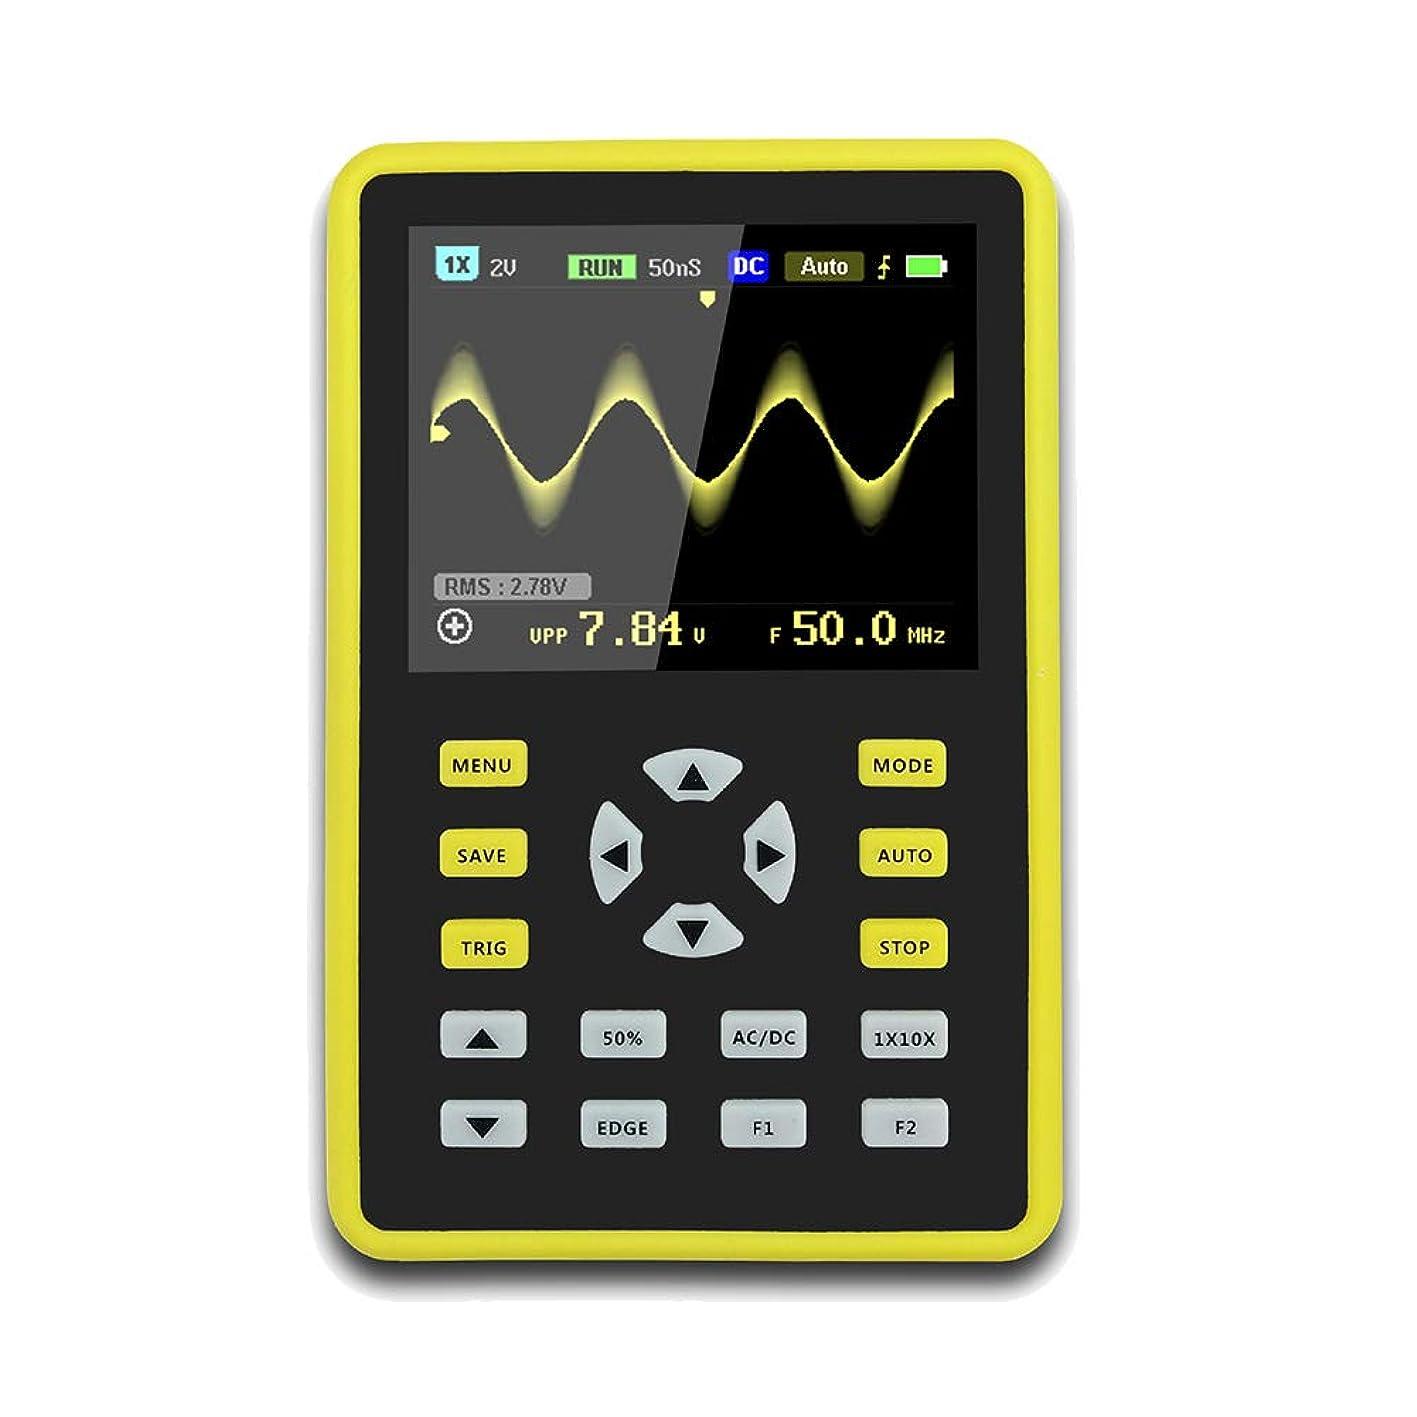 出しますレイアブセイFuntoget ?手持ち型デジタル小型オシロスコープ2.4インチ500 MS/s IPS LCD表示スクリーンの携帯用